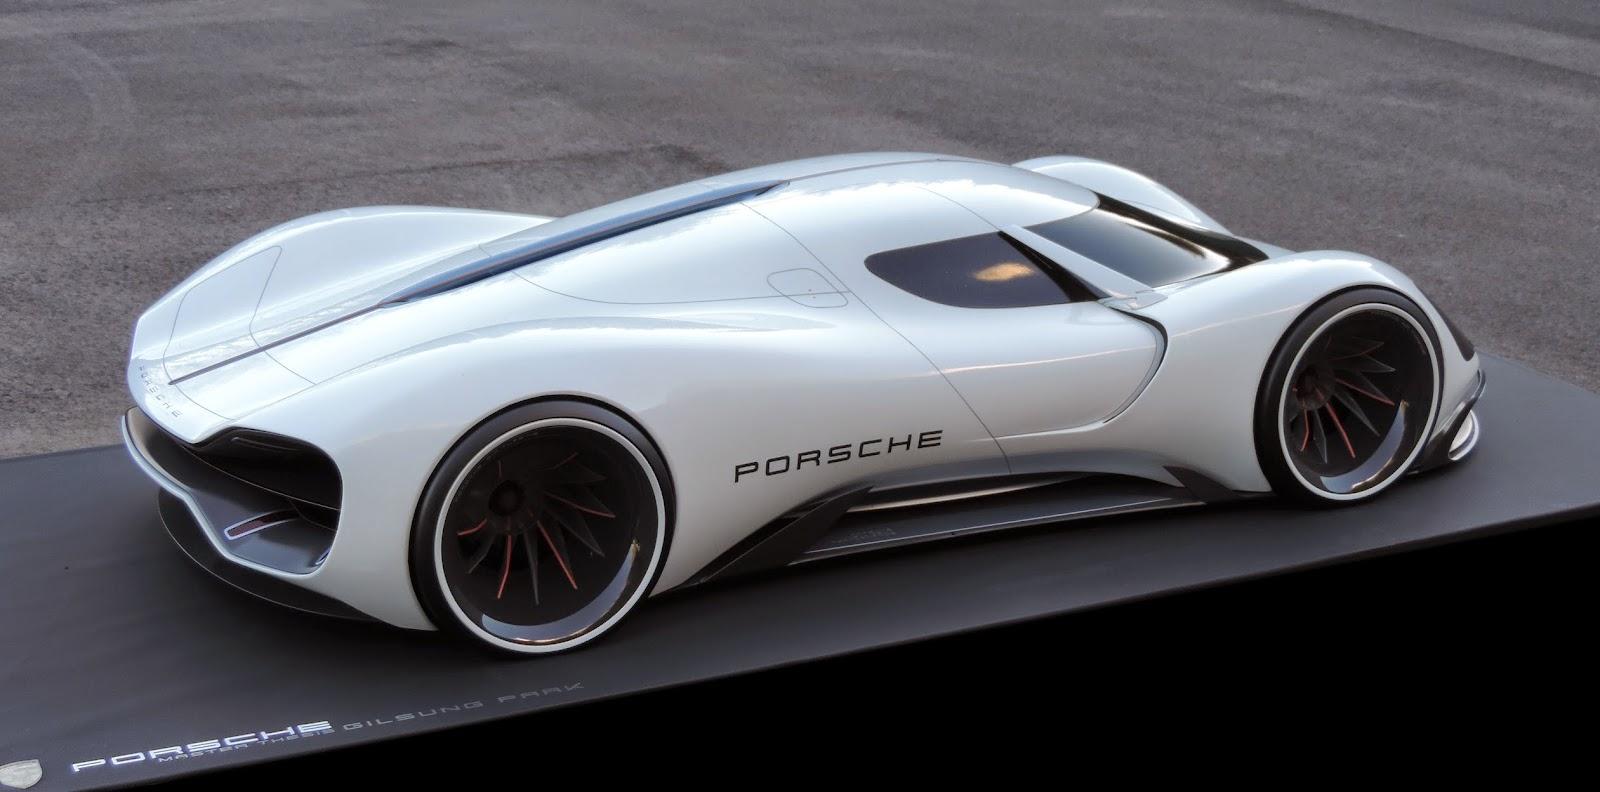 porsche electric le mans 2035 prototype looks believable. Black Bedroom Furniture Sets. Home Design Ideas